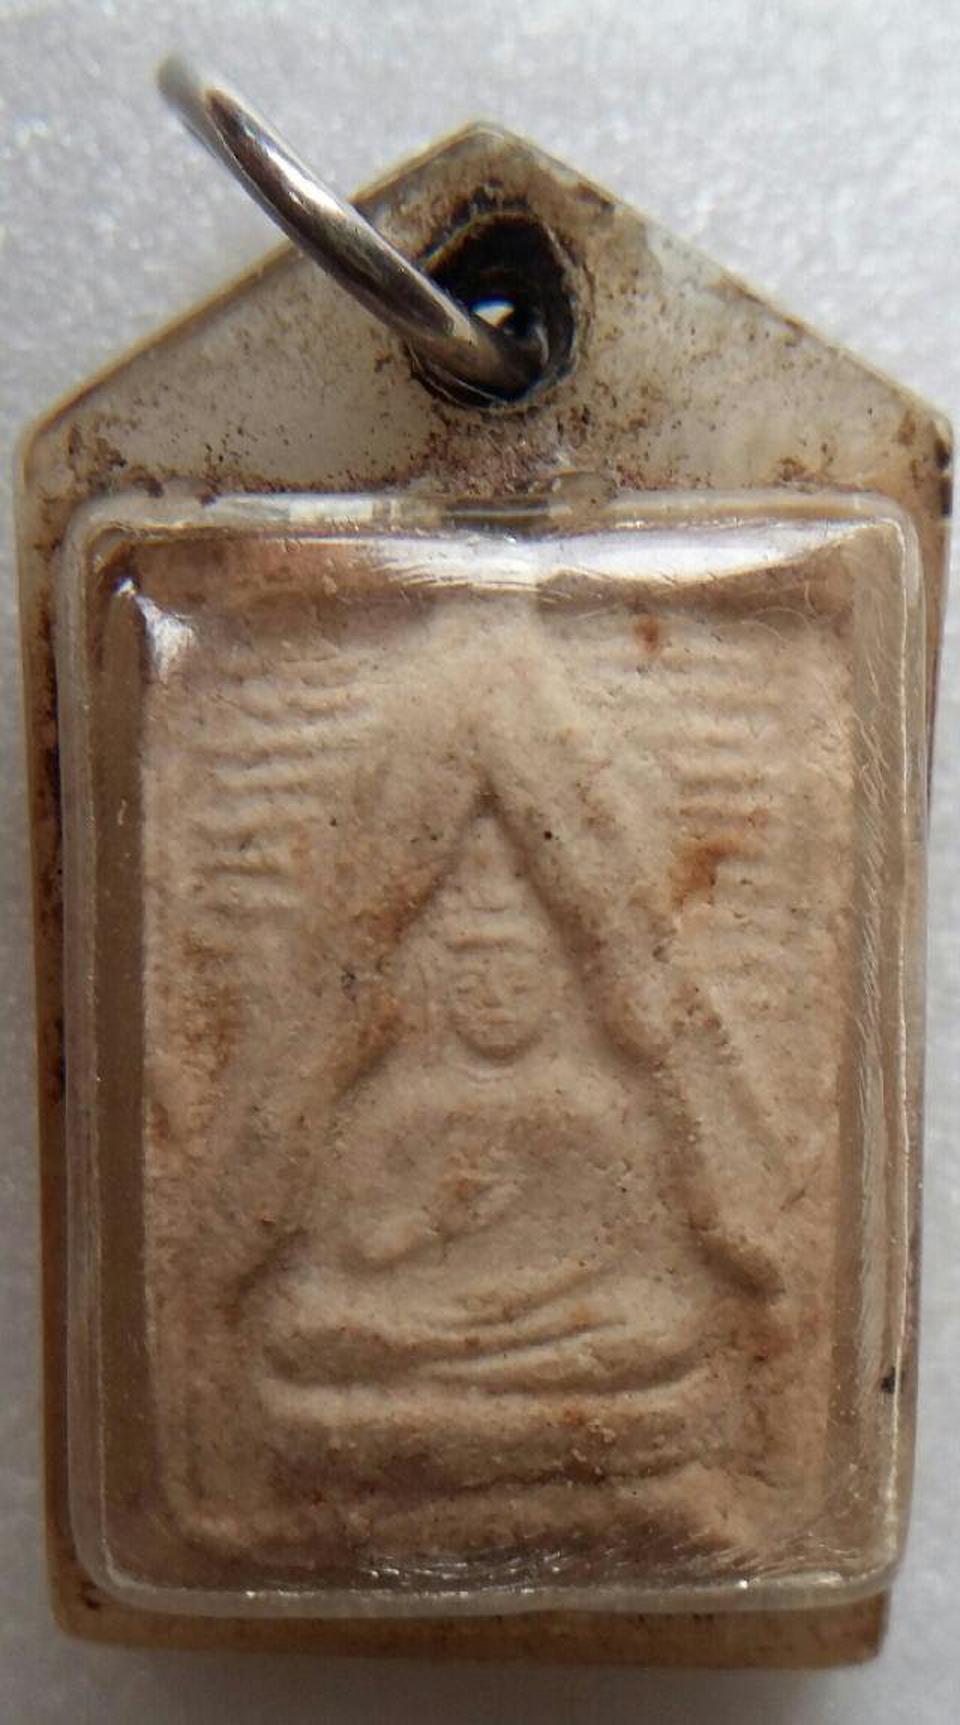 พระสมเด็จวัดปากน้ำ รุ่นแรก รูปที่ 1